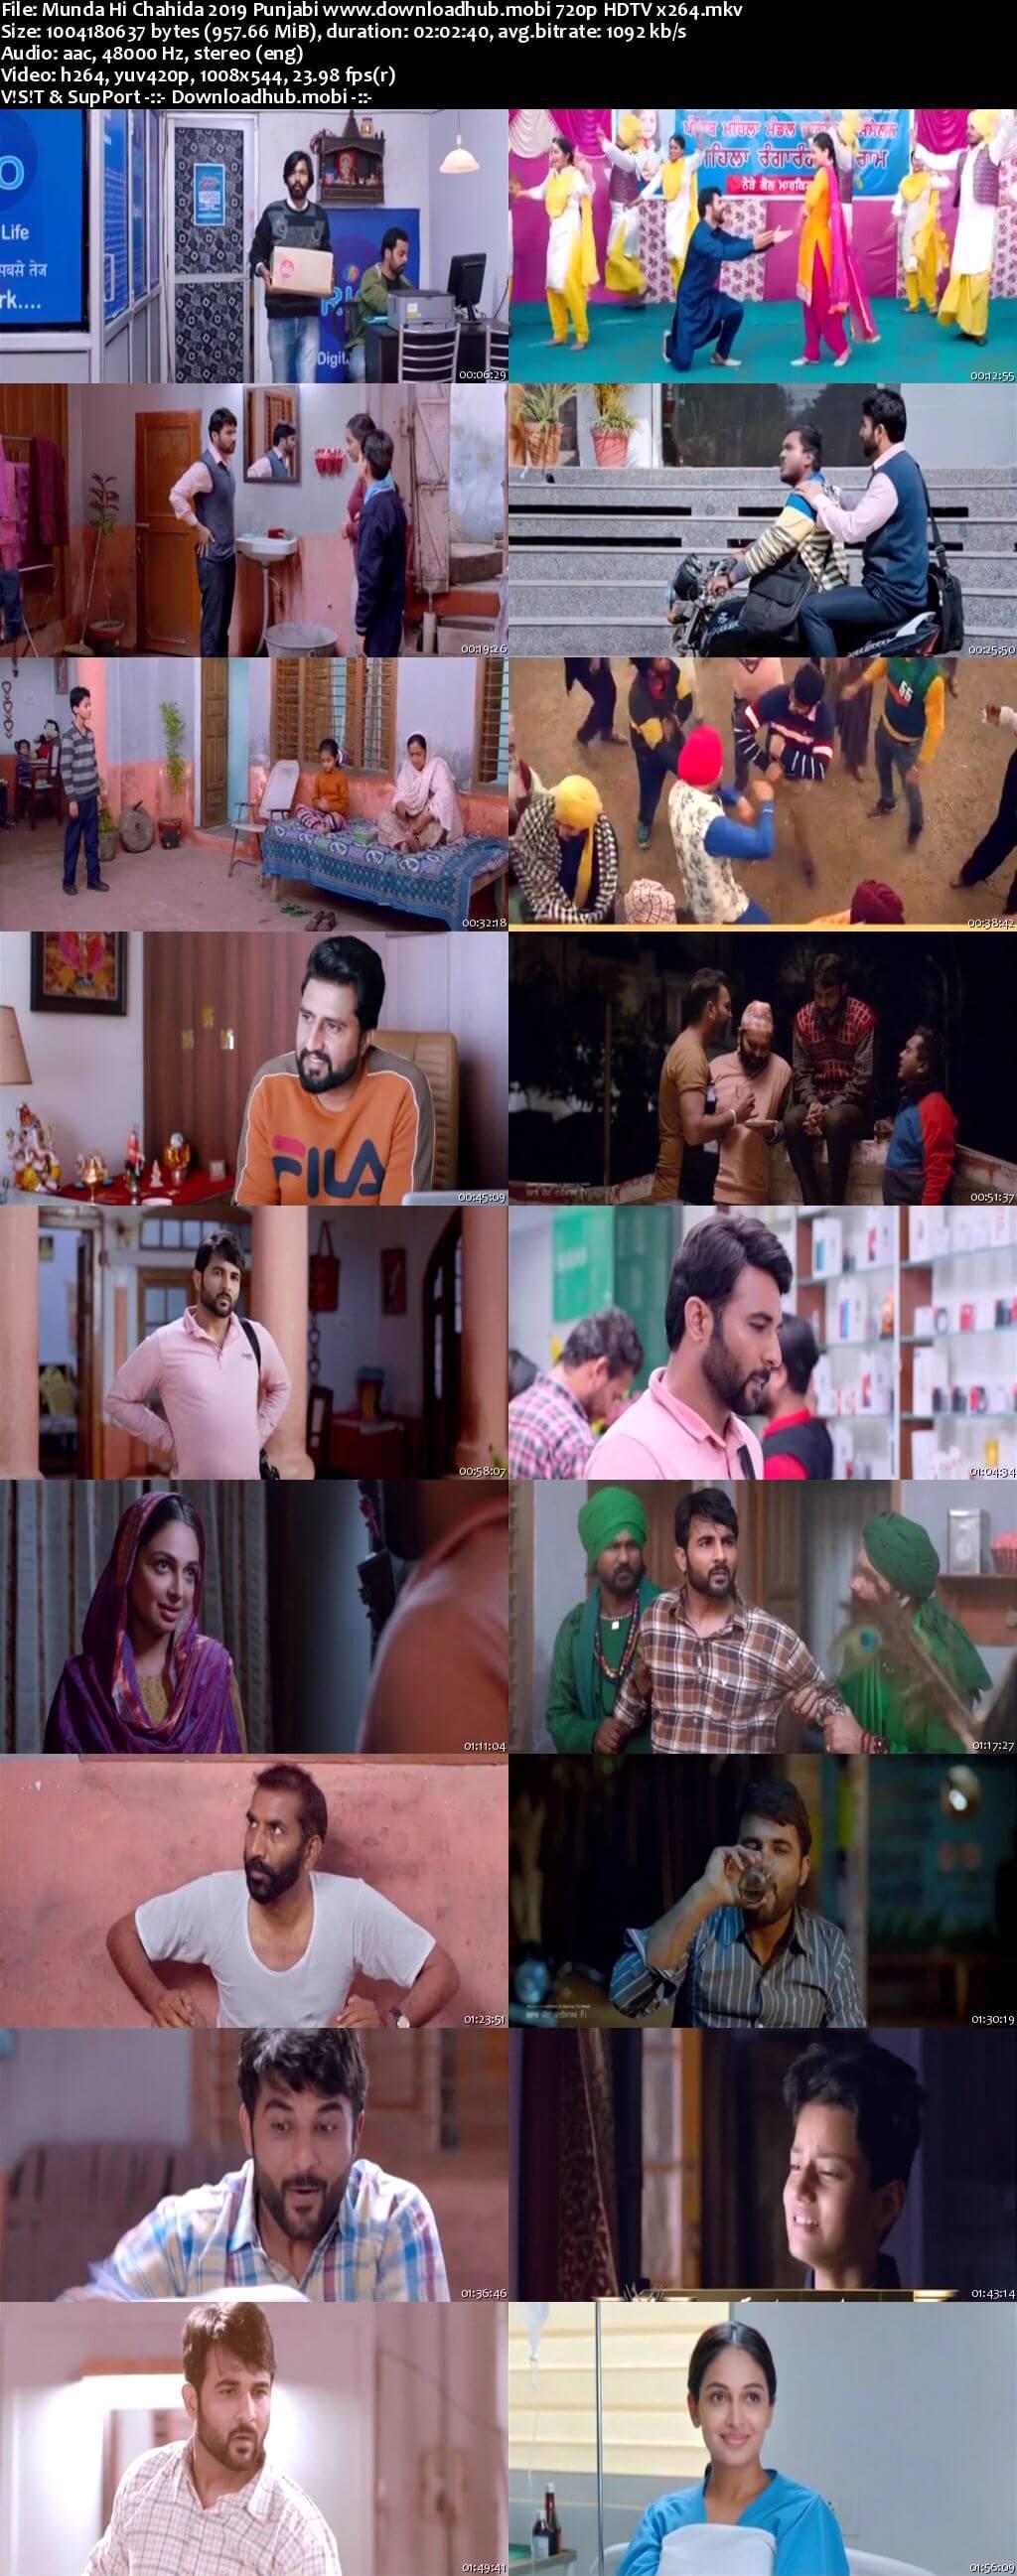 Munda Hi Chahida 2019 Punjabi 720p HDTV x264